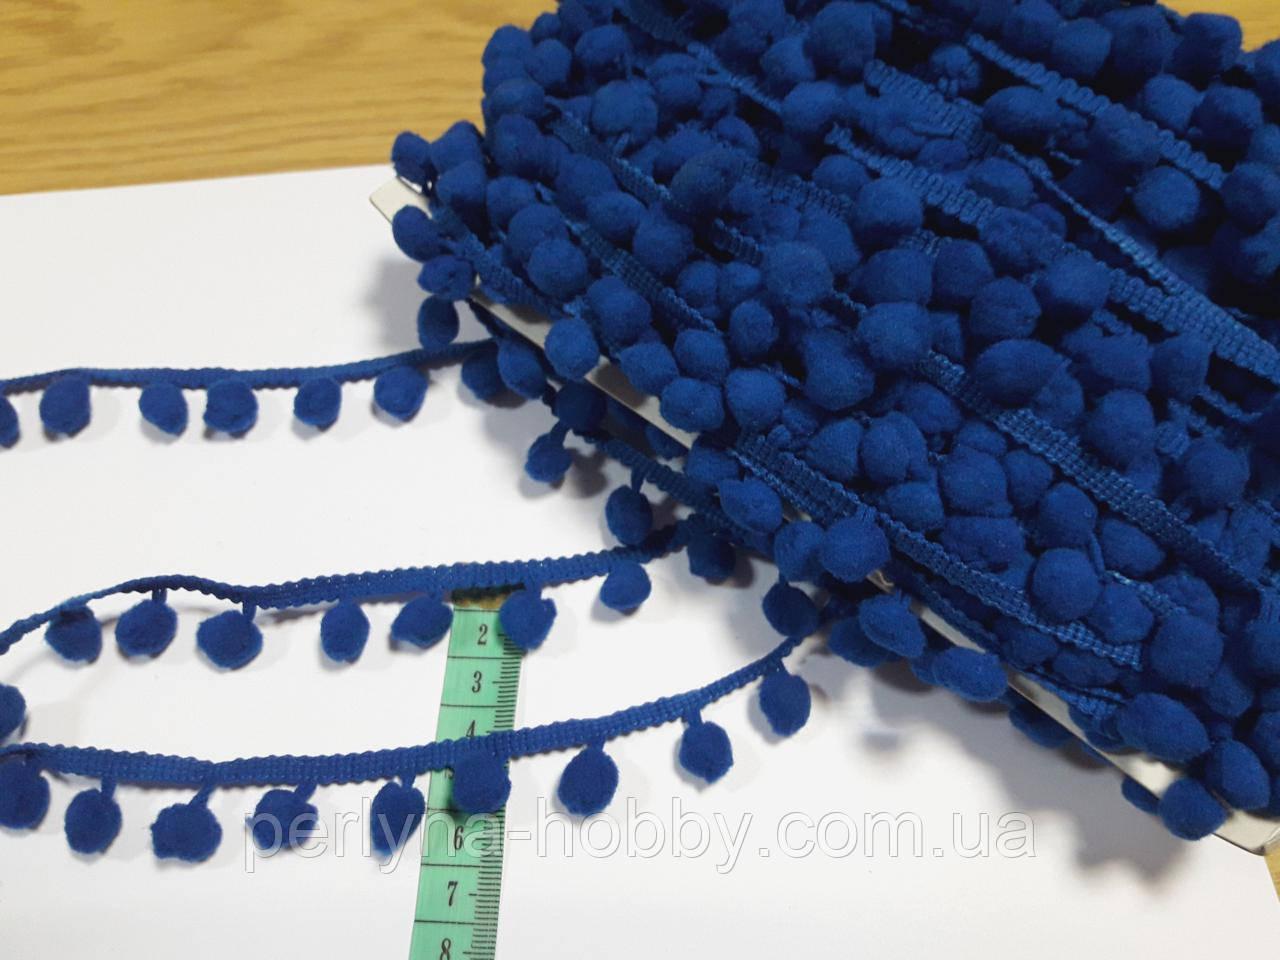 Тасьма декоративна з помпонами 18-20 мм (розмір одного понпона 1 см), синя